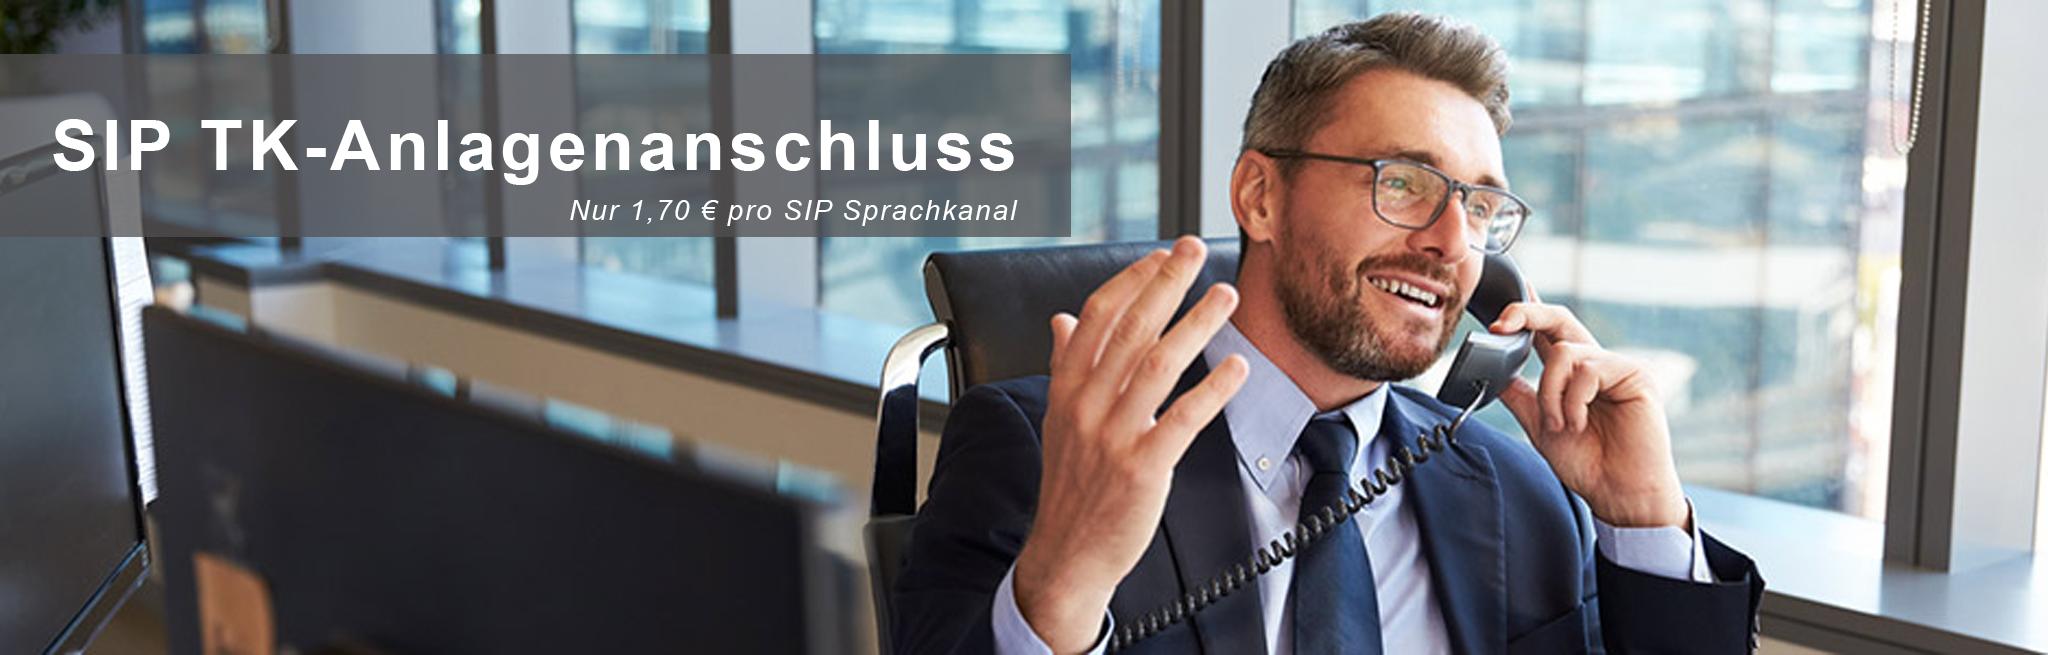 Ihr-Service IT-Solutions SIP Anlagenanschlüsse